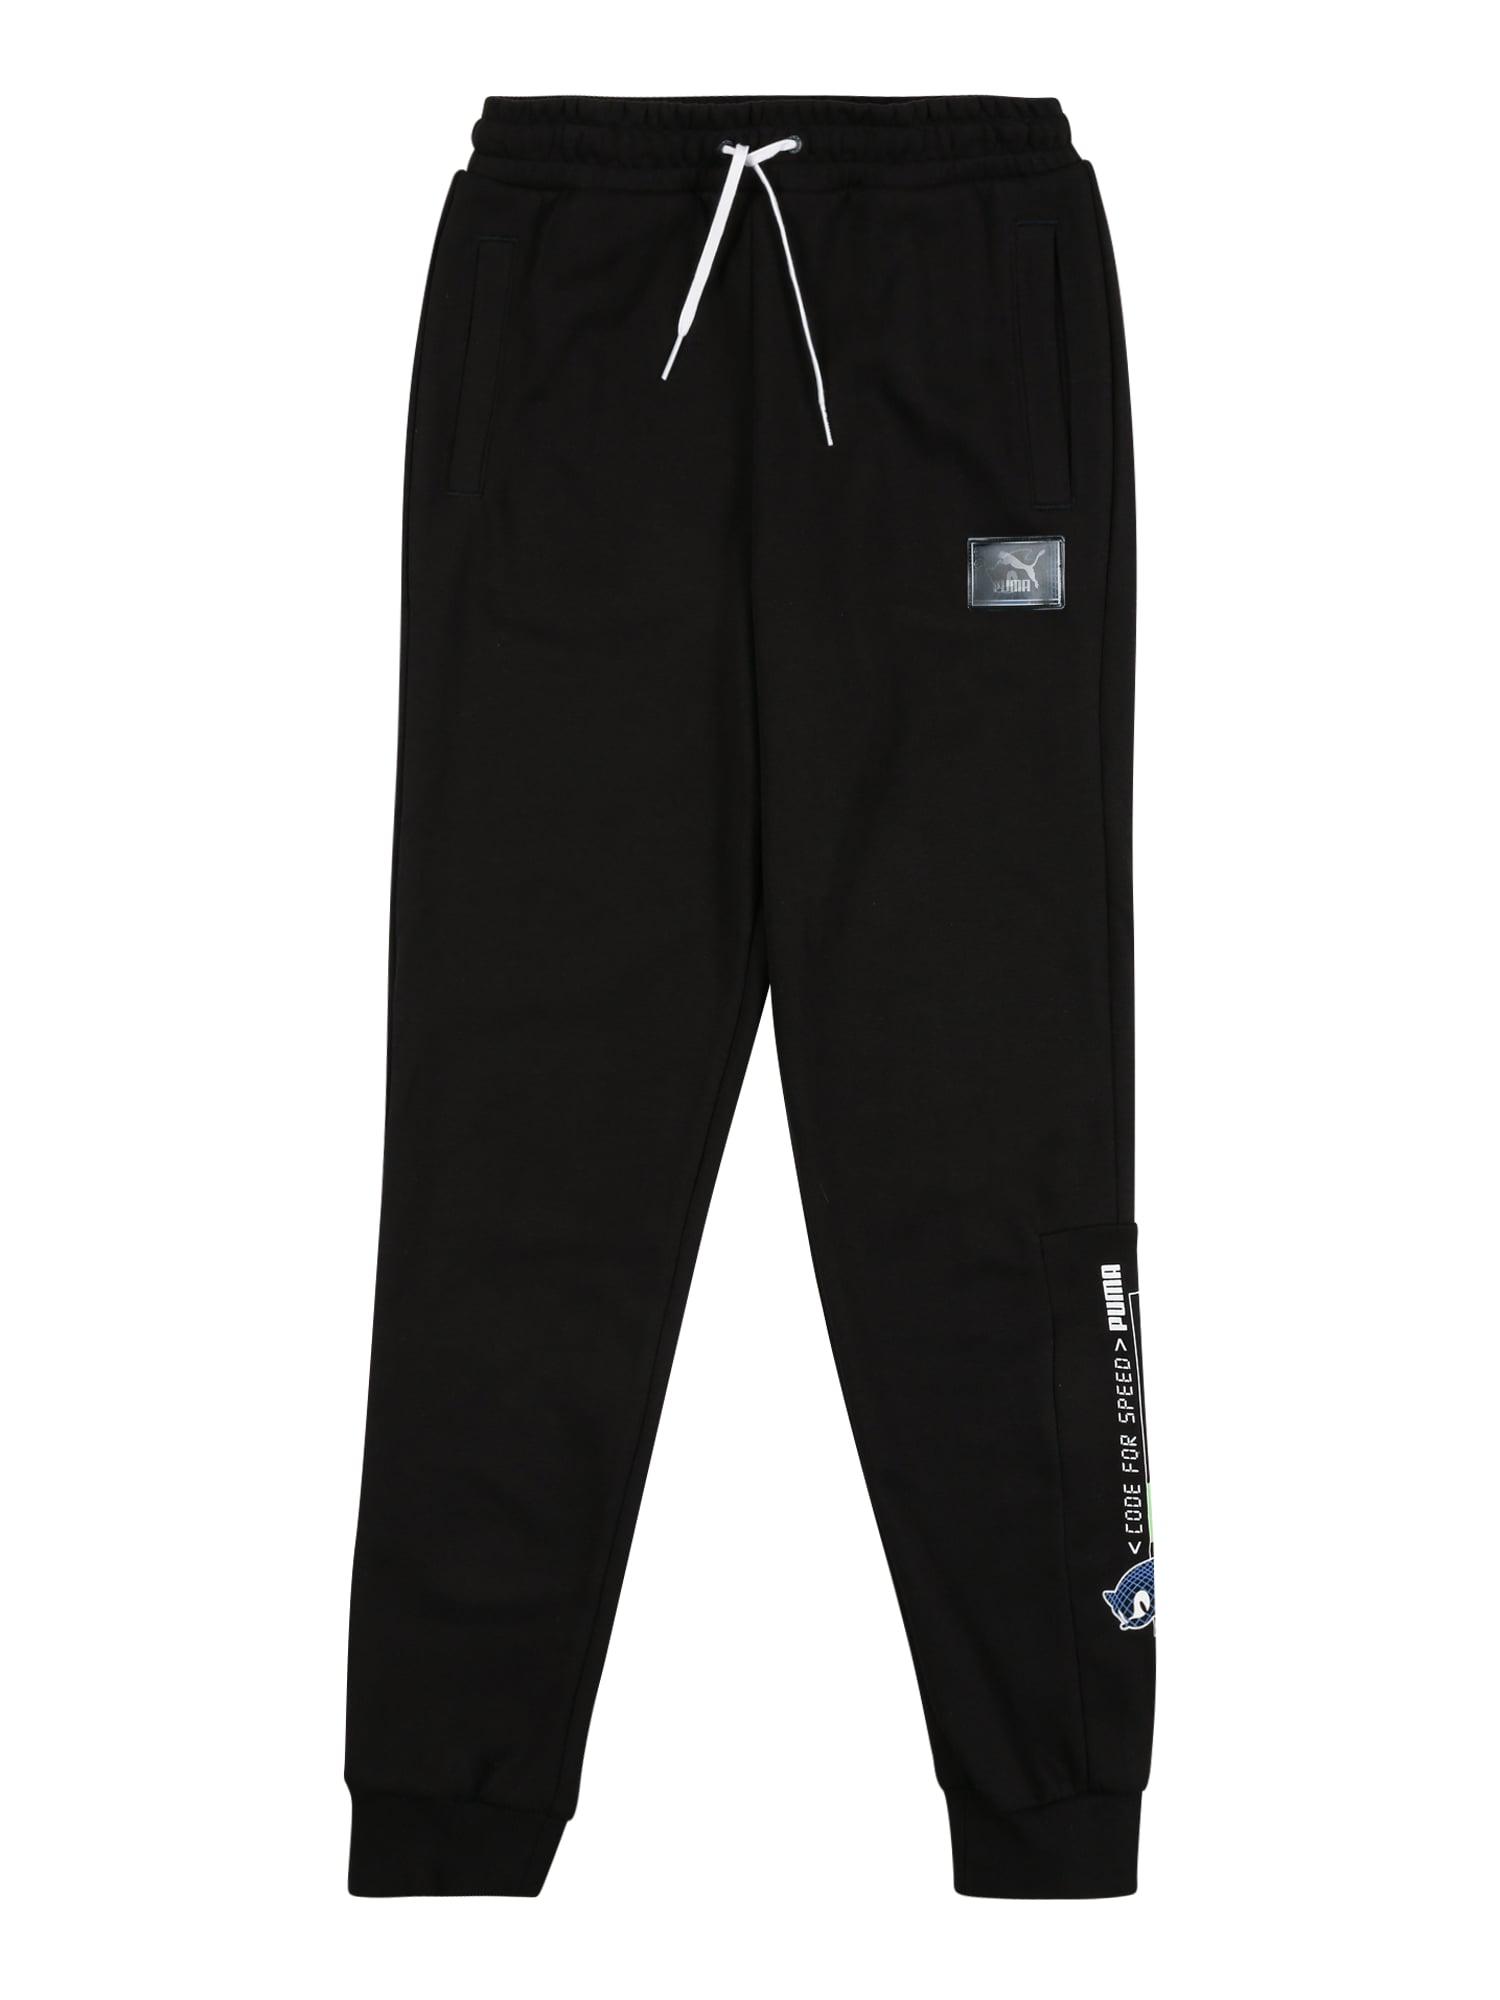 PUMA Sportovní kalhoty  královská modrá / černá